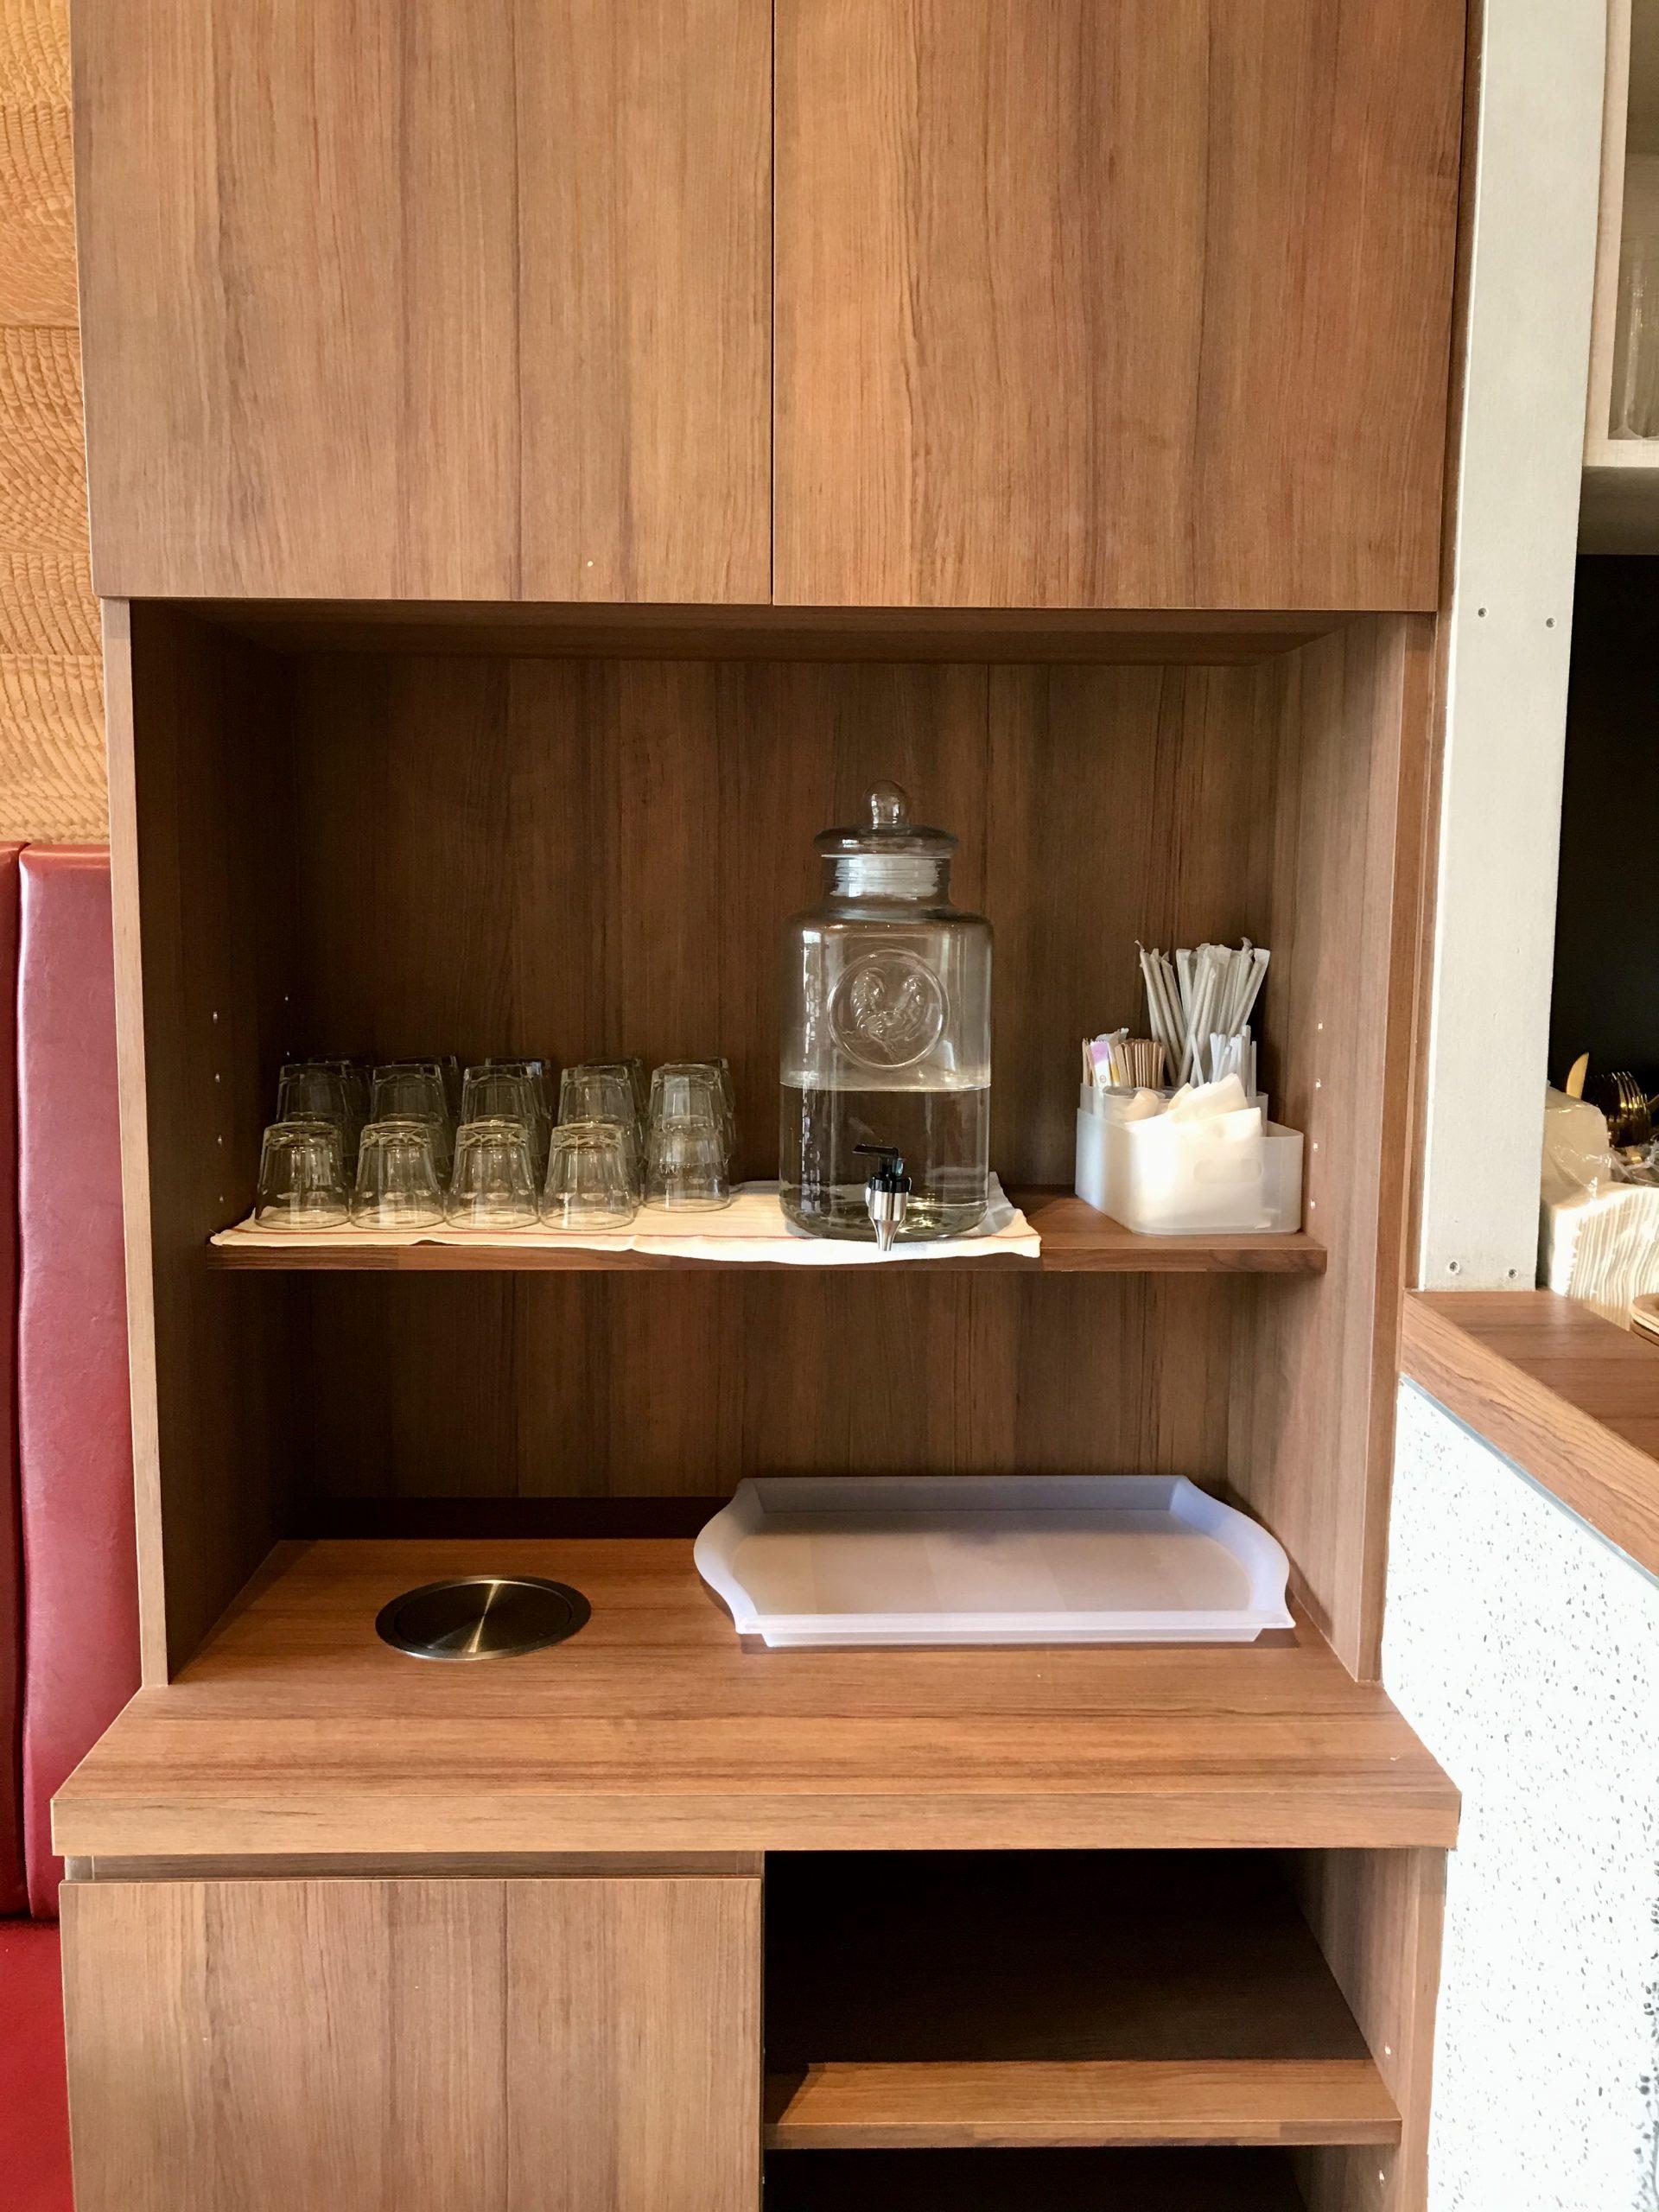 四桶咖啡自助茶水櫃